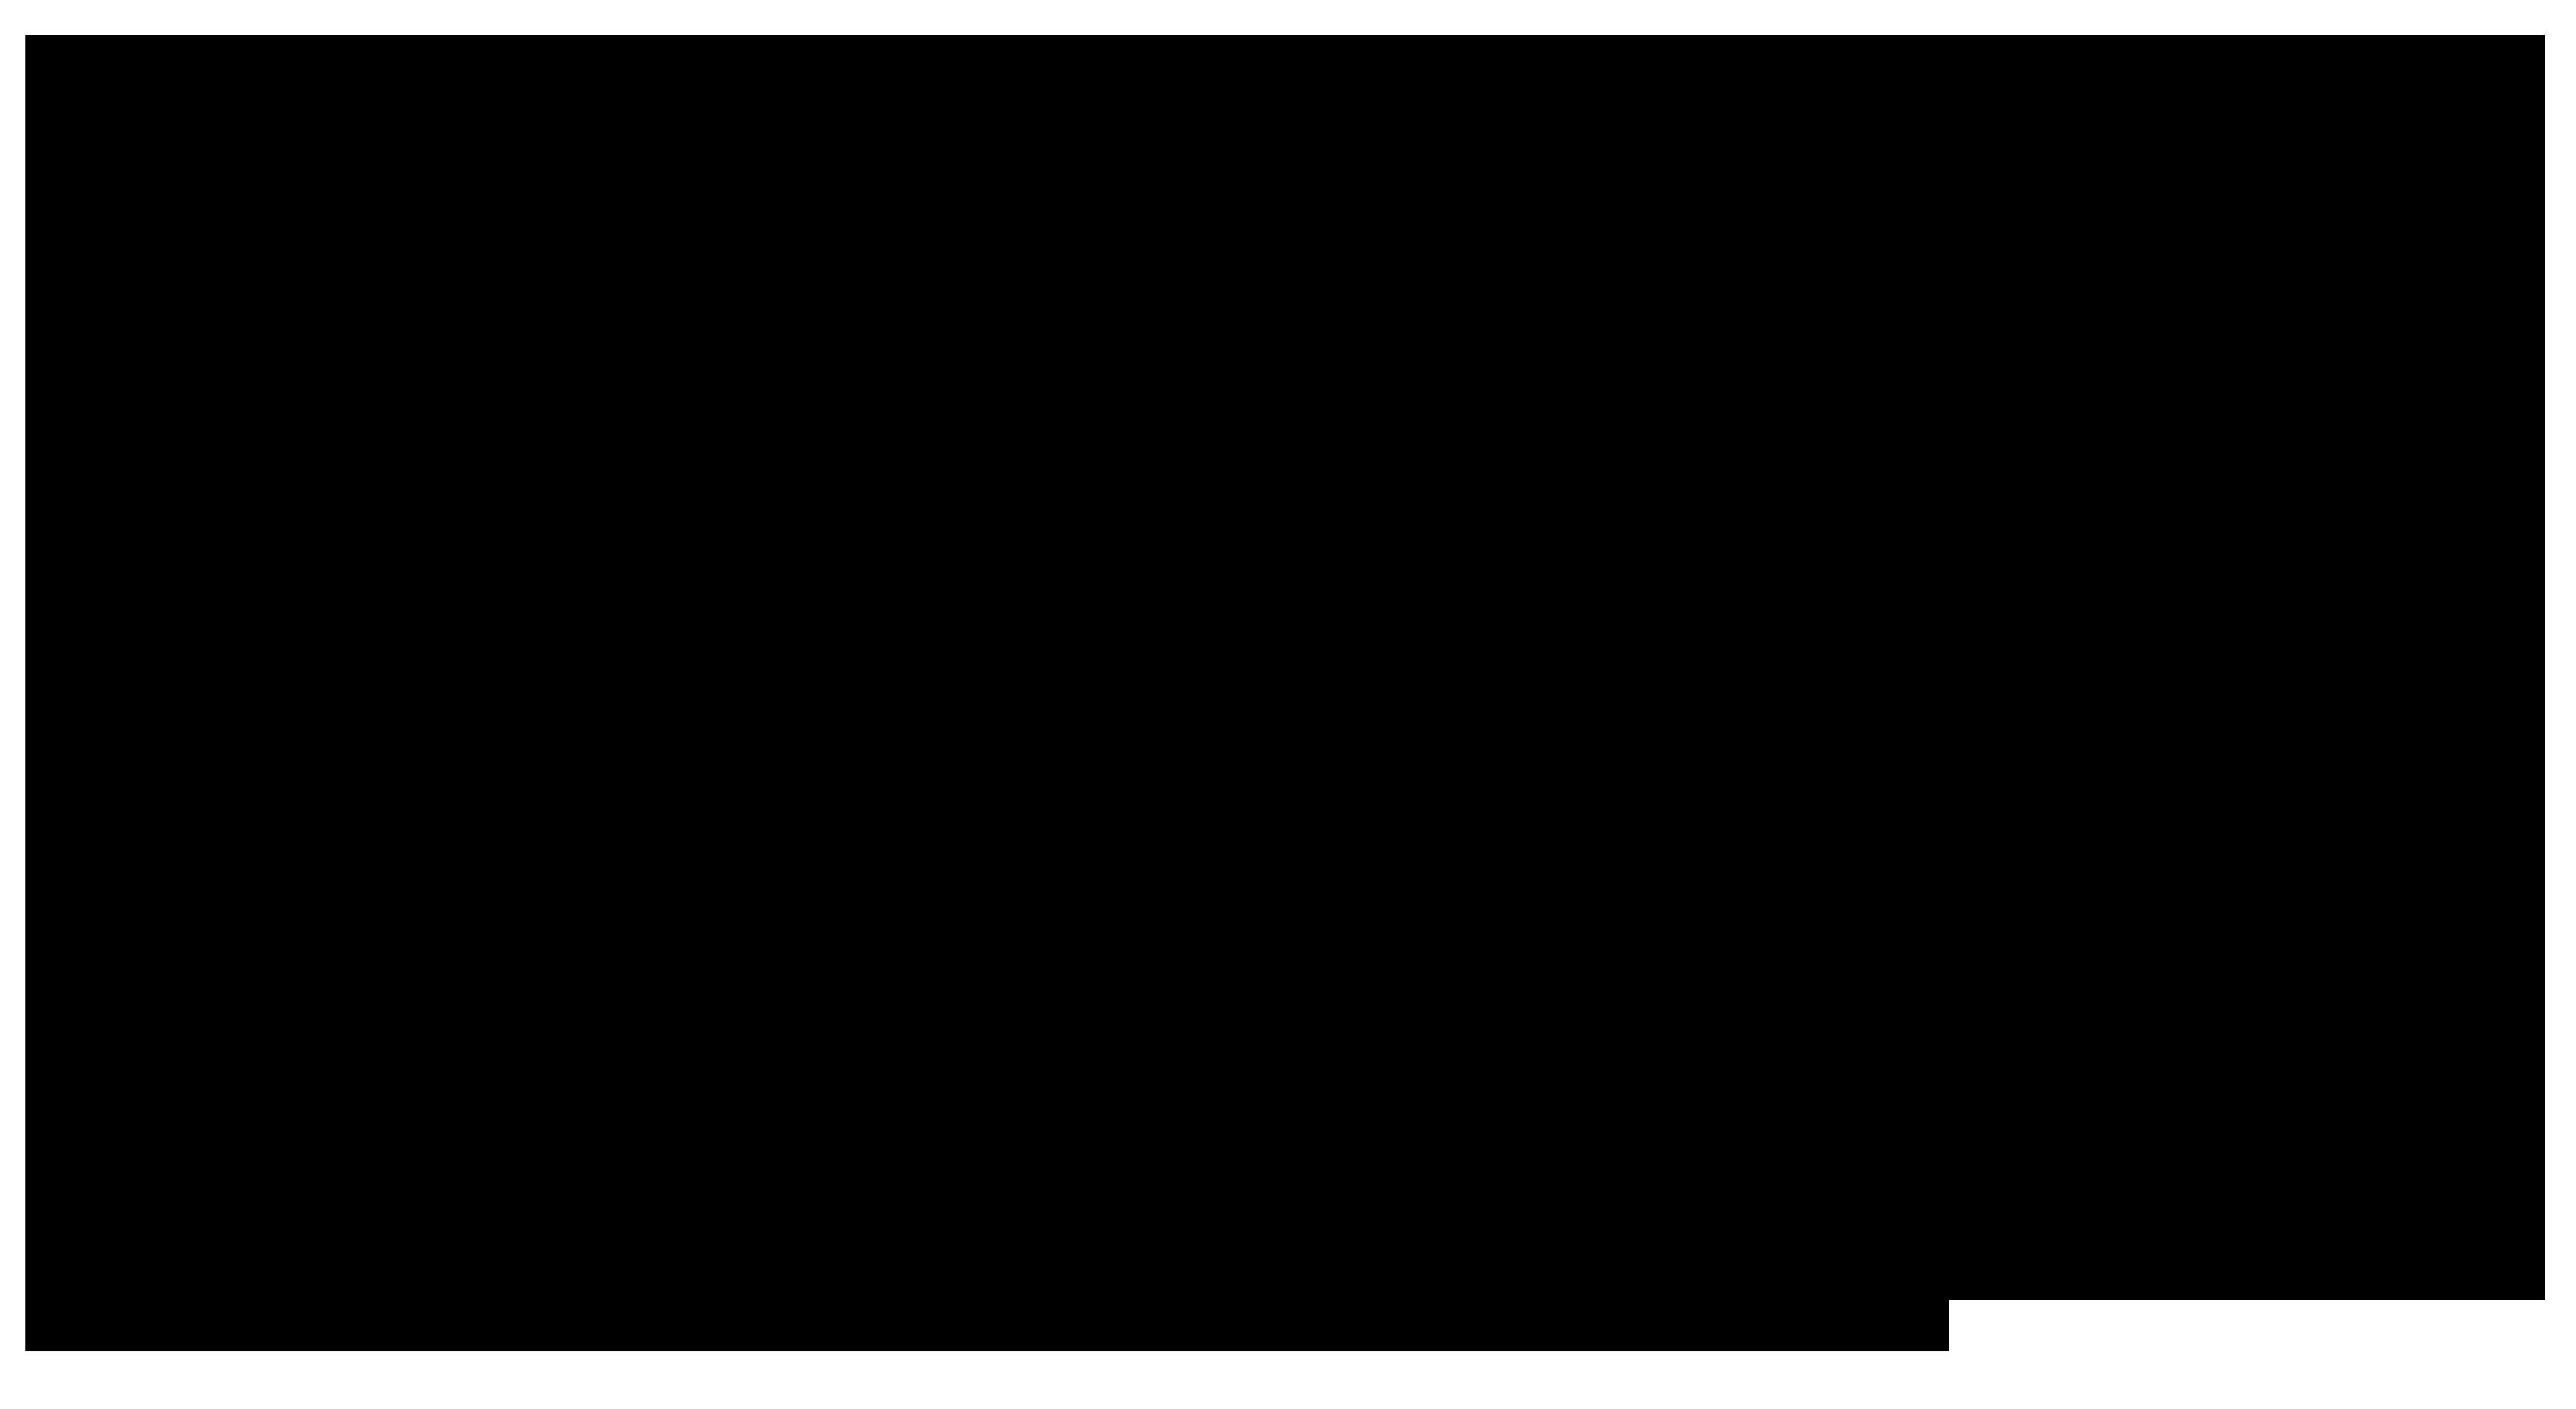 lid-logo-black.png